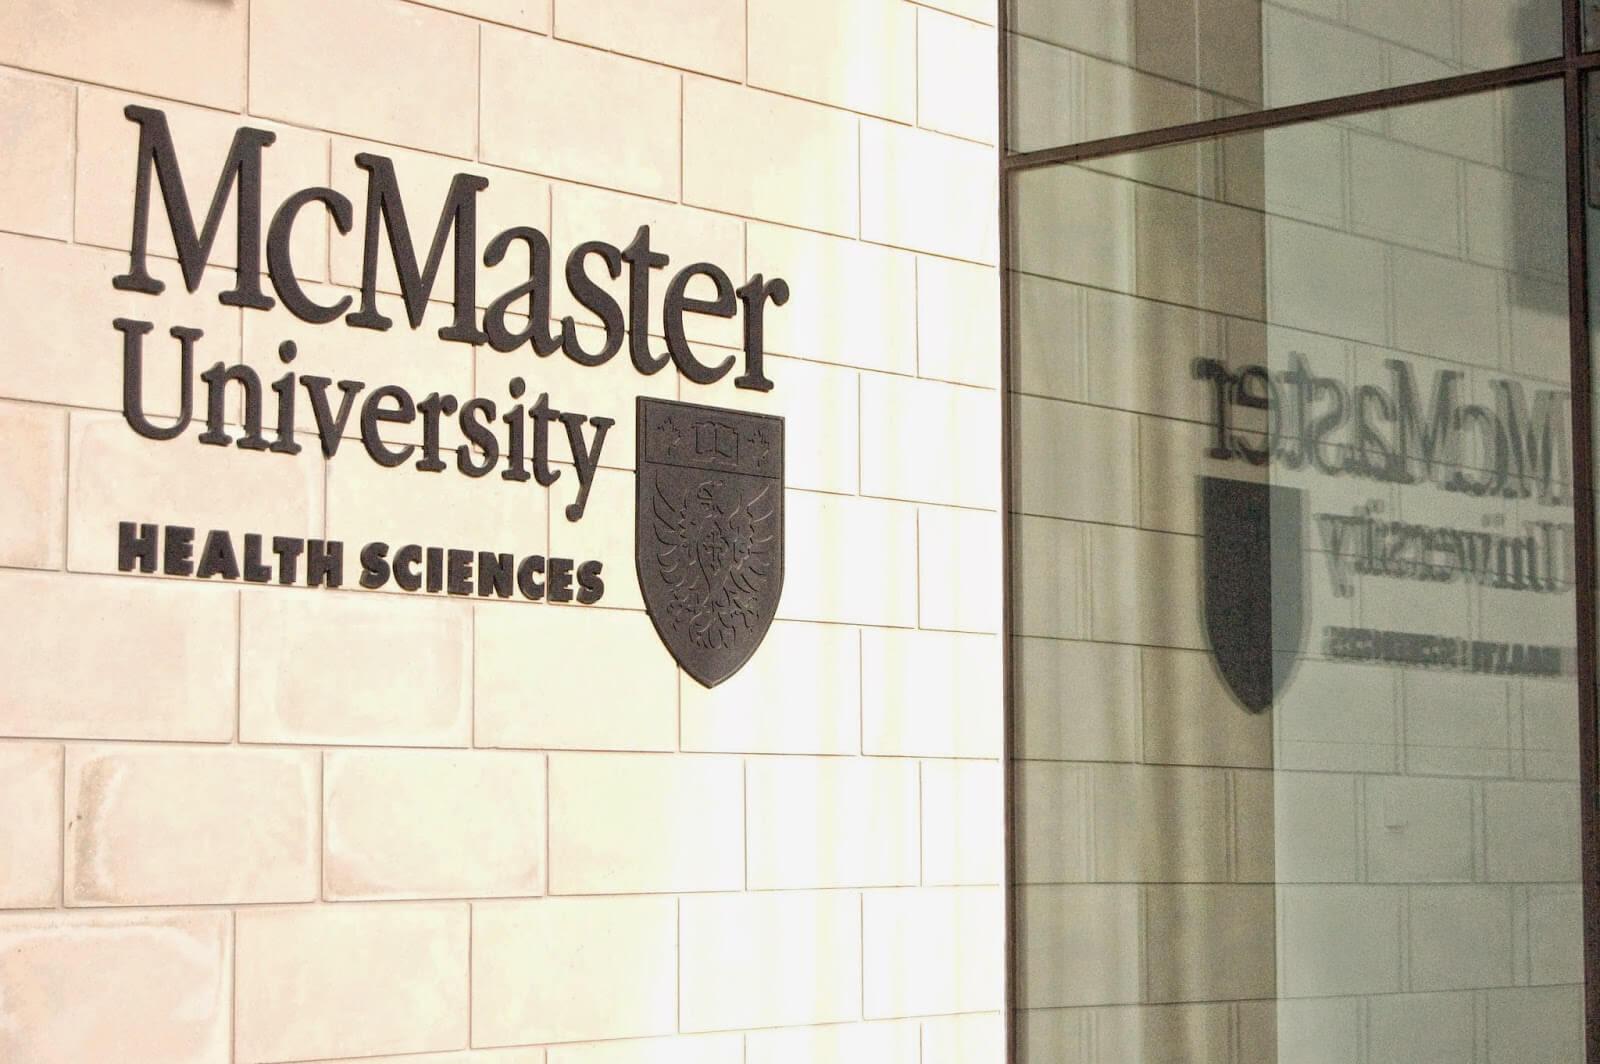 McMaster_Uniersity_Health_Sciences_entrance